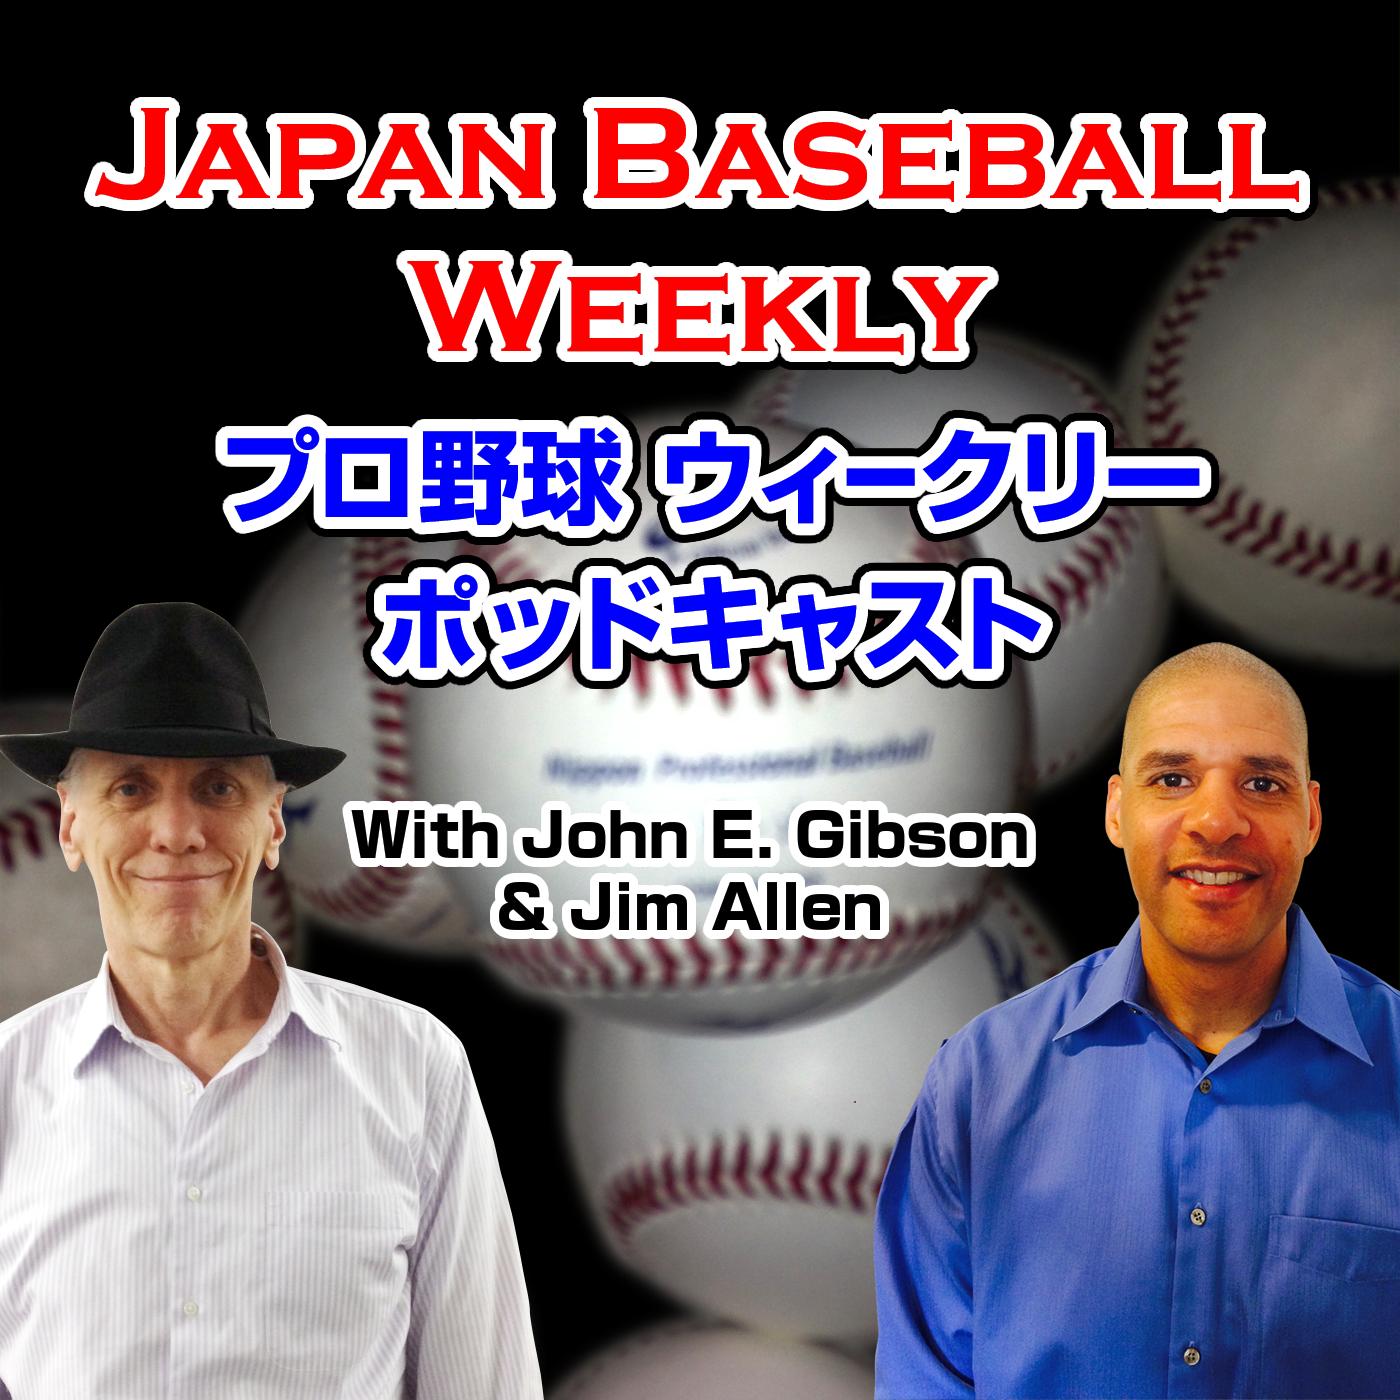 Japan Baseball Weekly